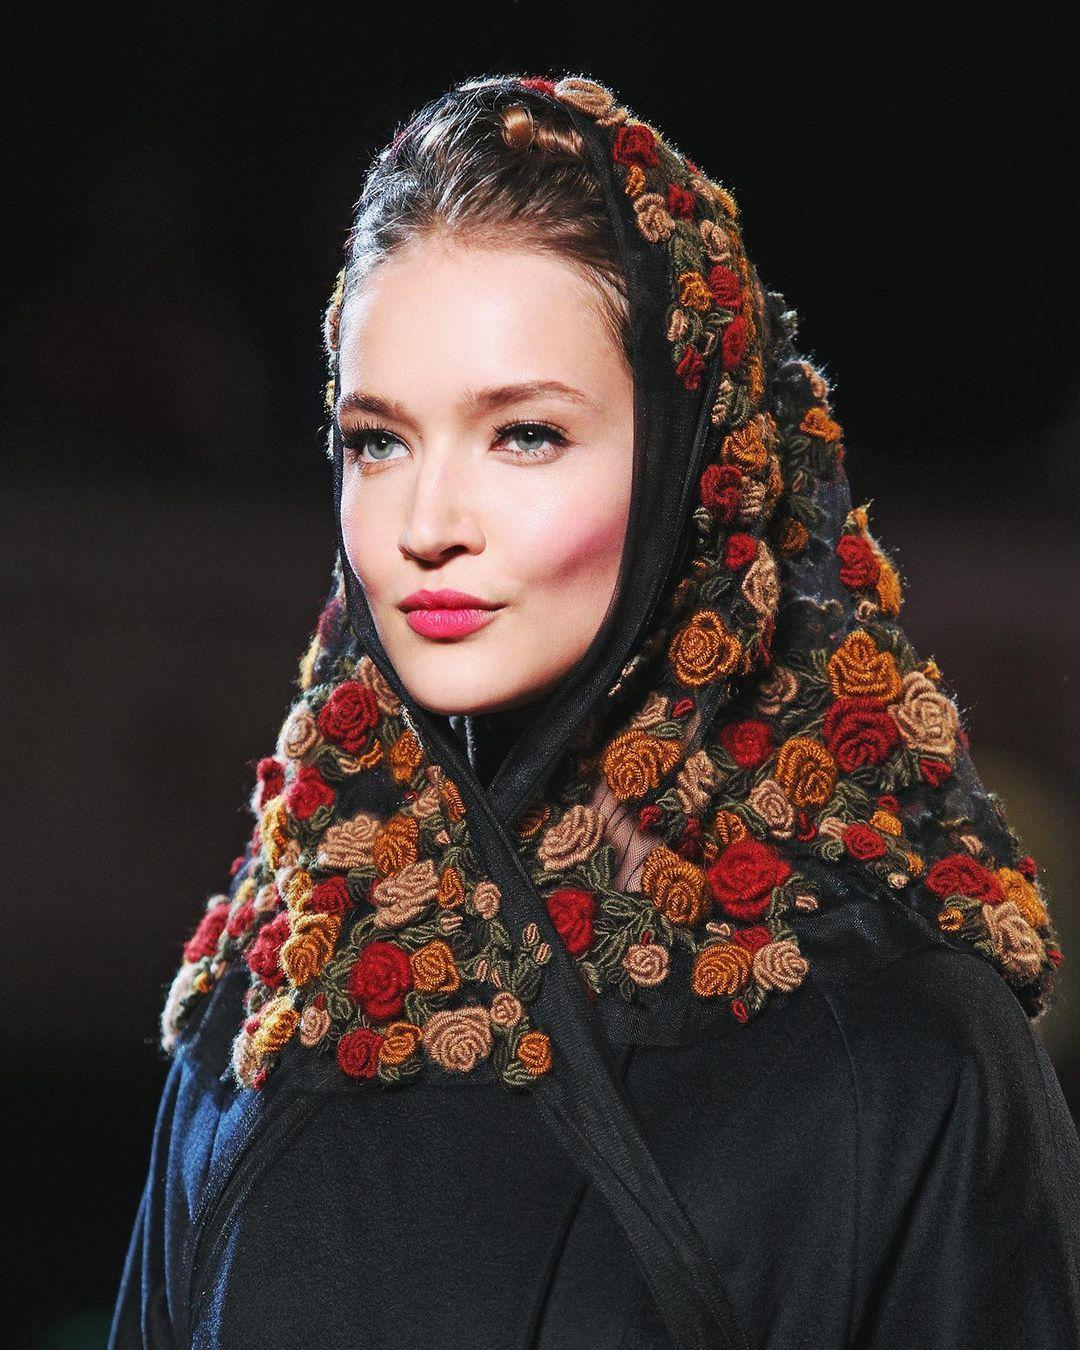 дизайнер этно одежды Ульяна Сергиенко